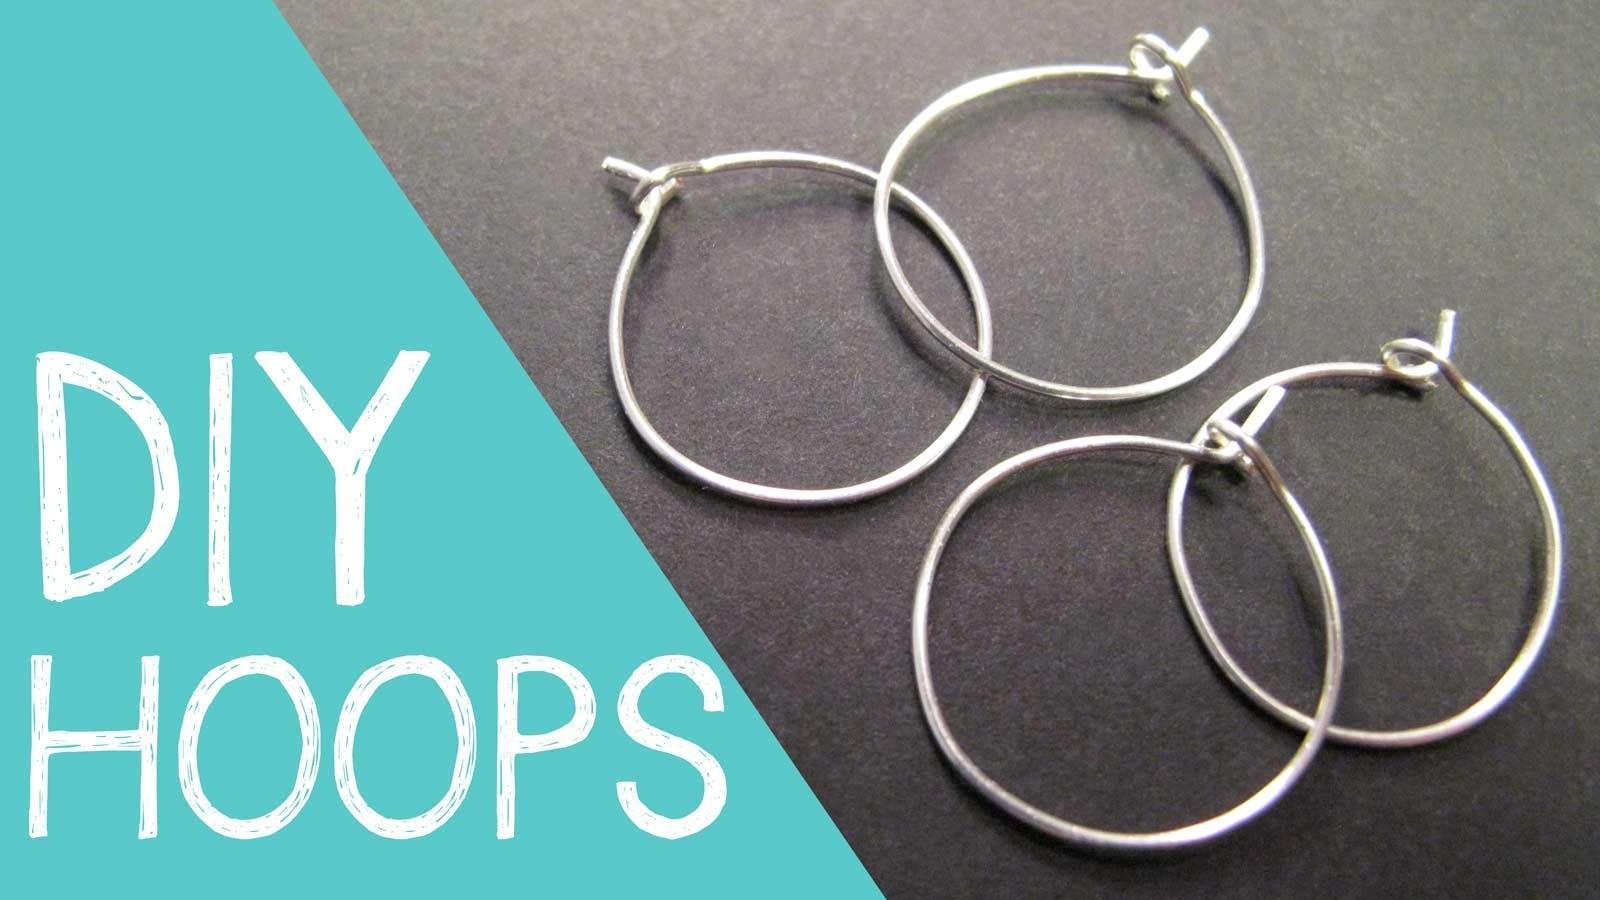 DIY Hoop Earrings. Wine Charm Rings Wire Jewelry Tutorial